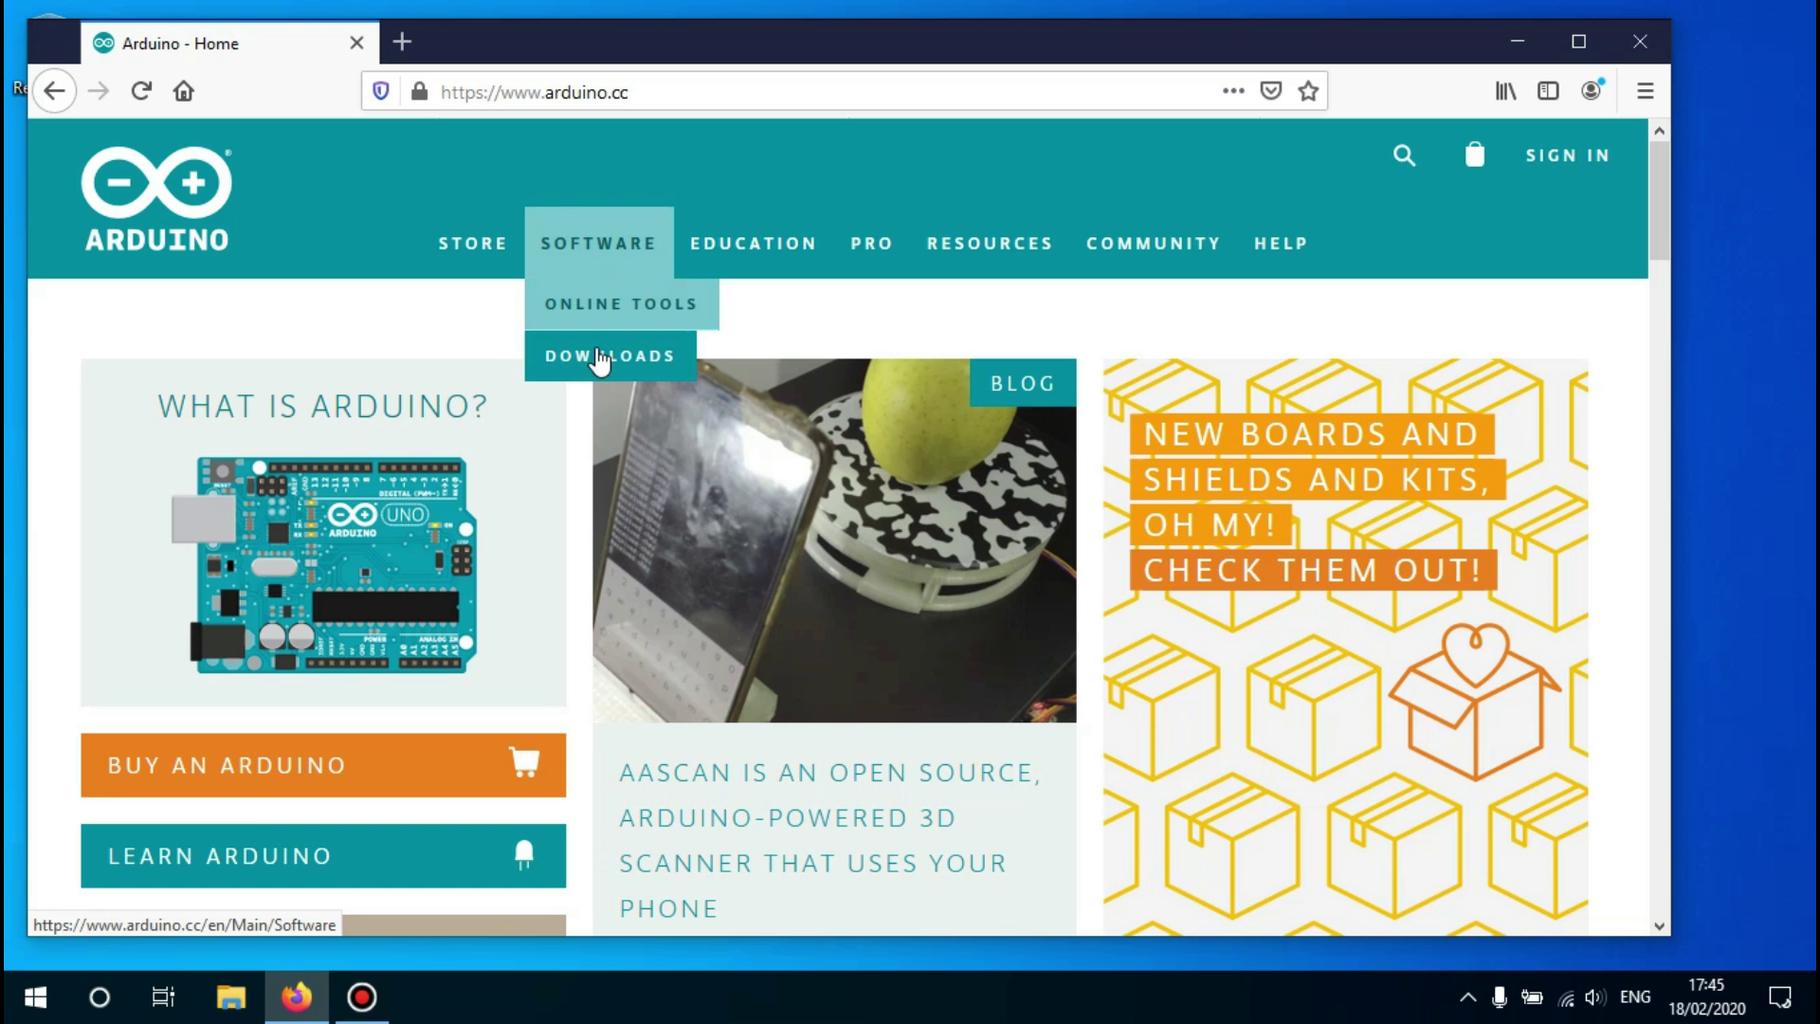 Go to the Arduino.cc Website